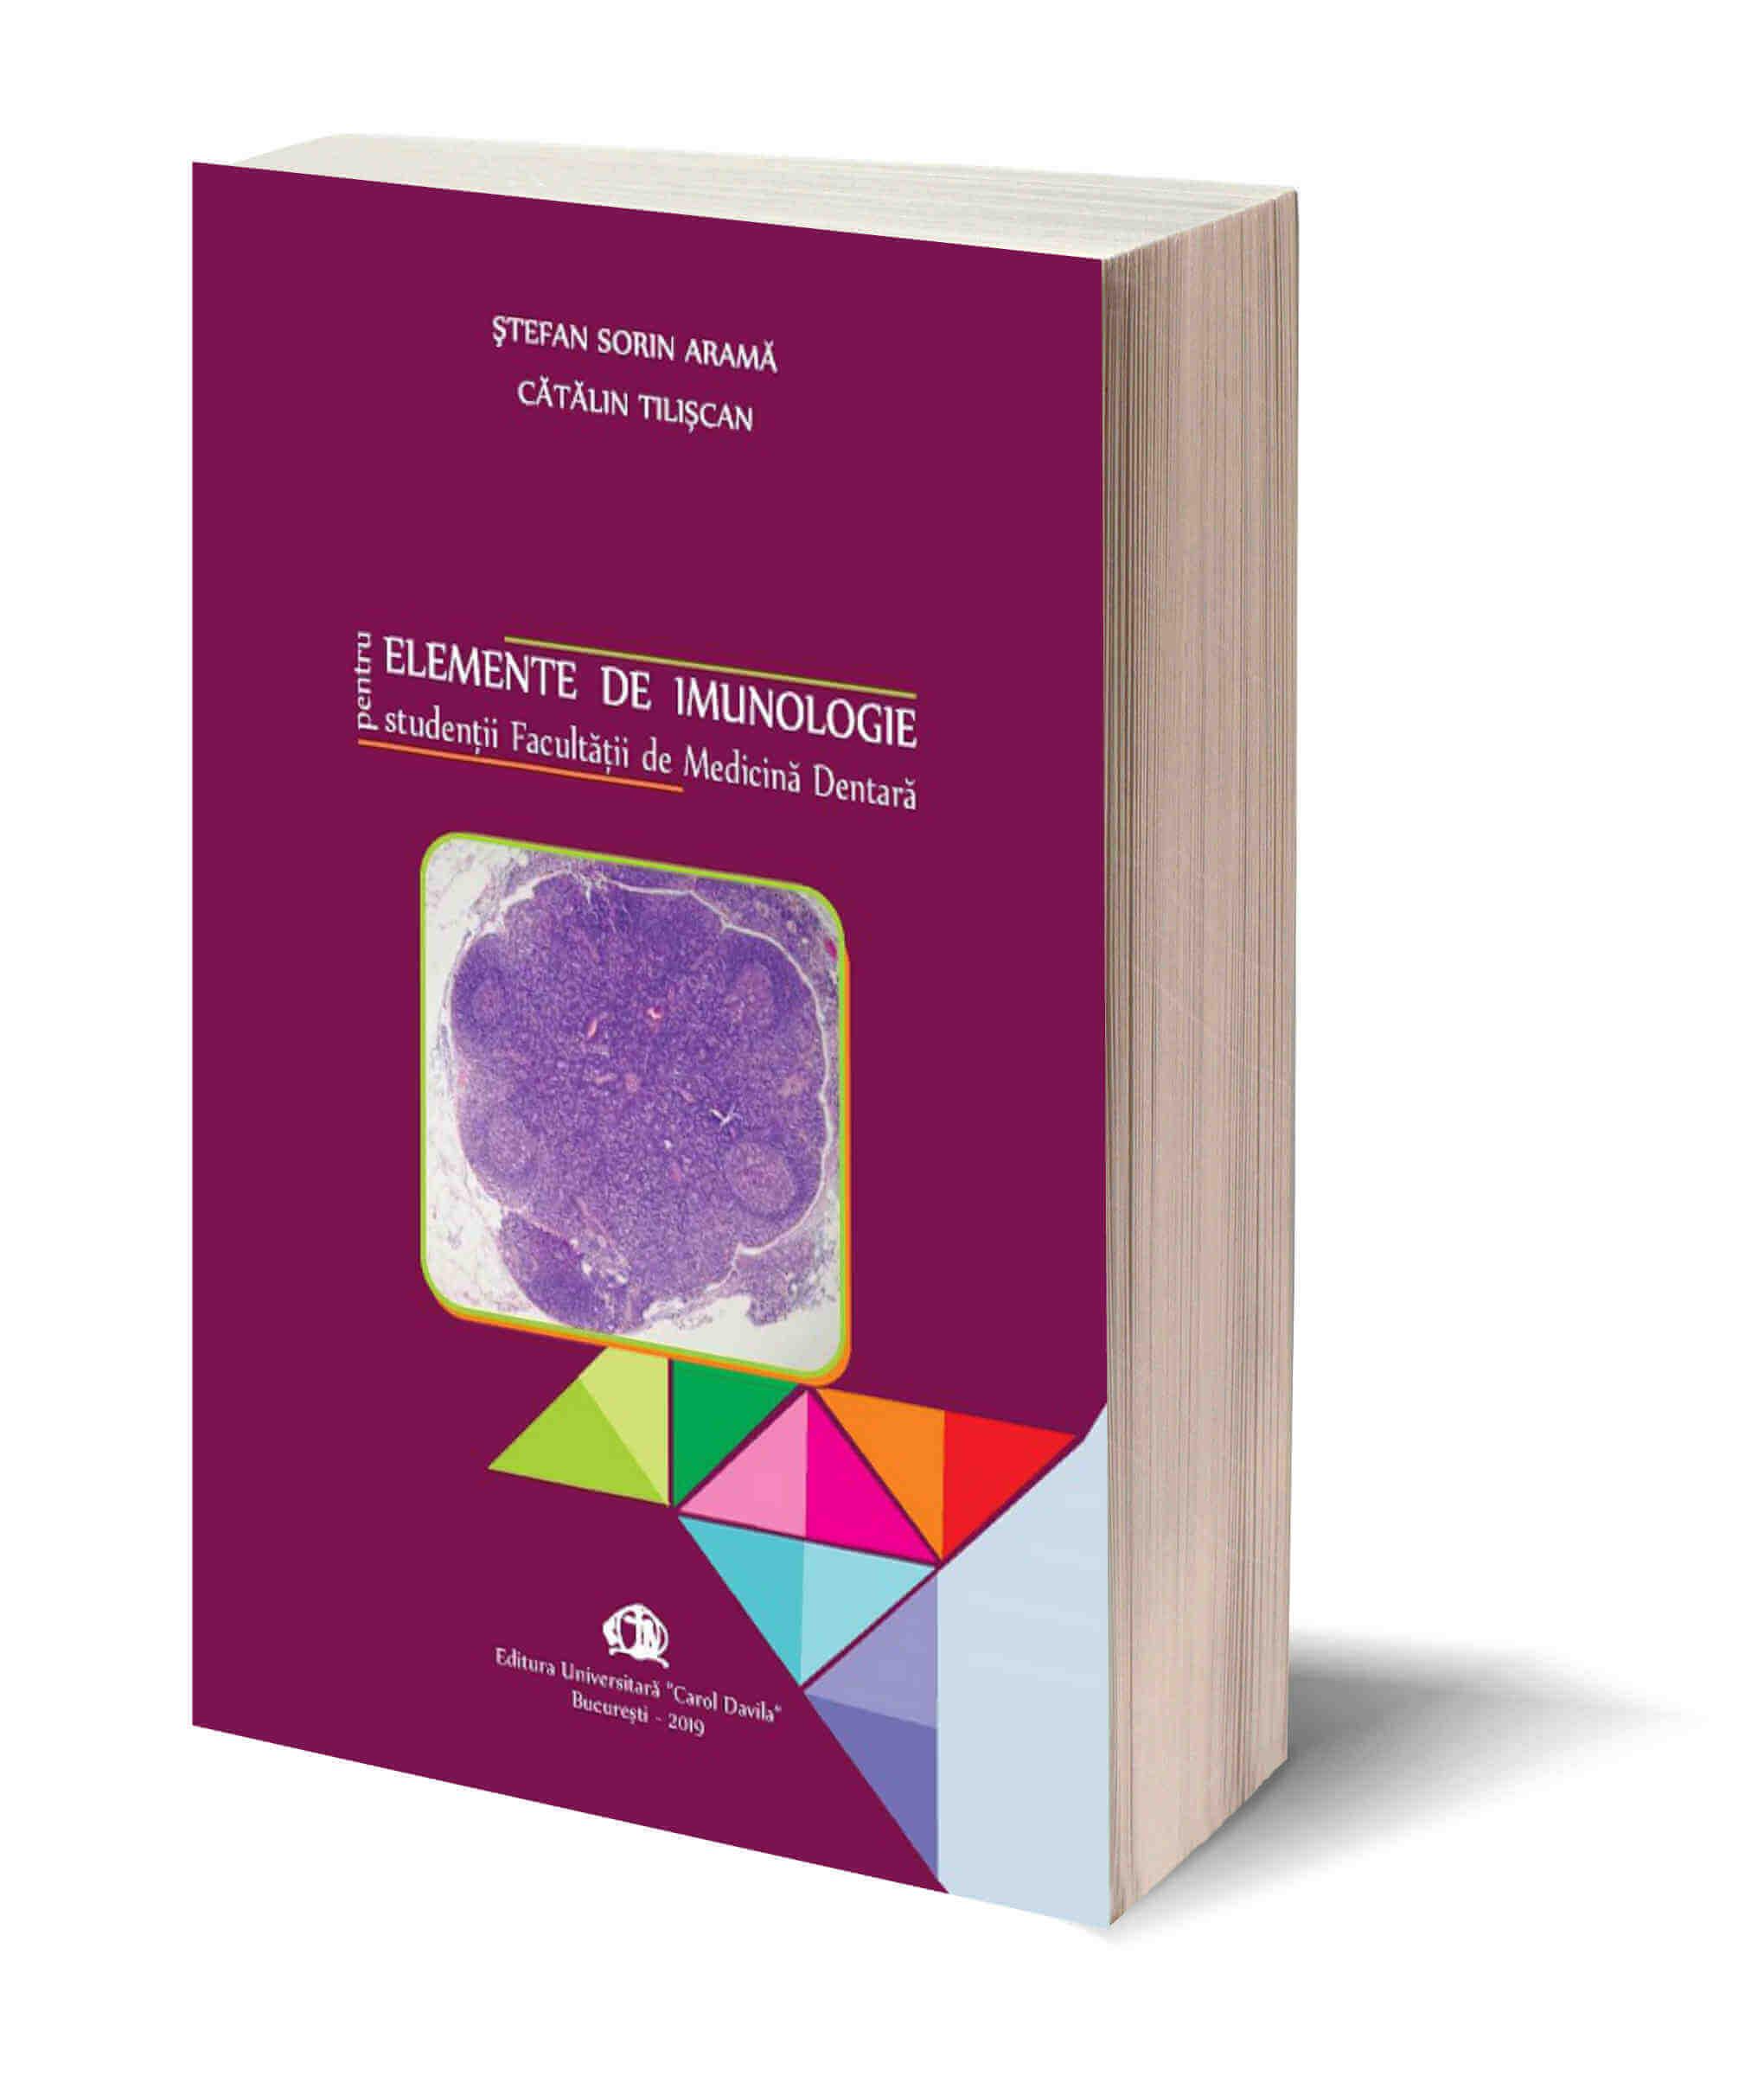 Elemente de imunologie pentru studentii Facultatii de Medicina Dentara